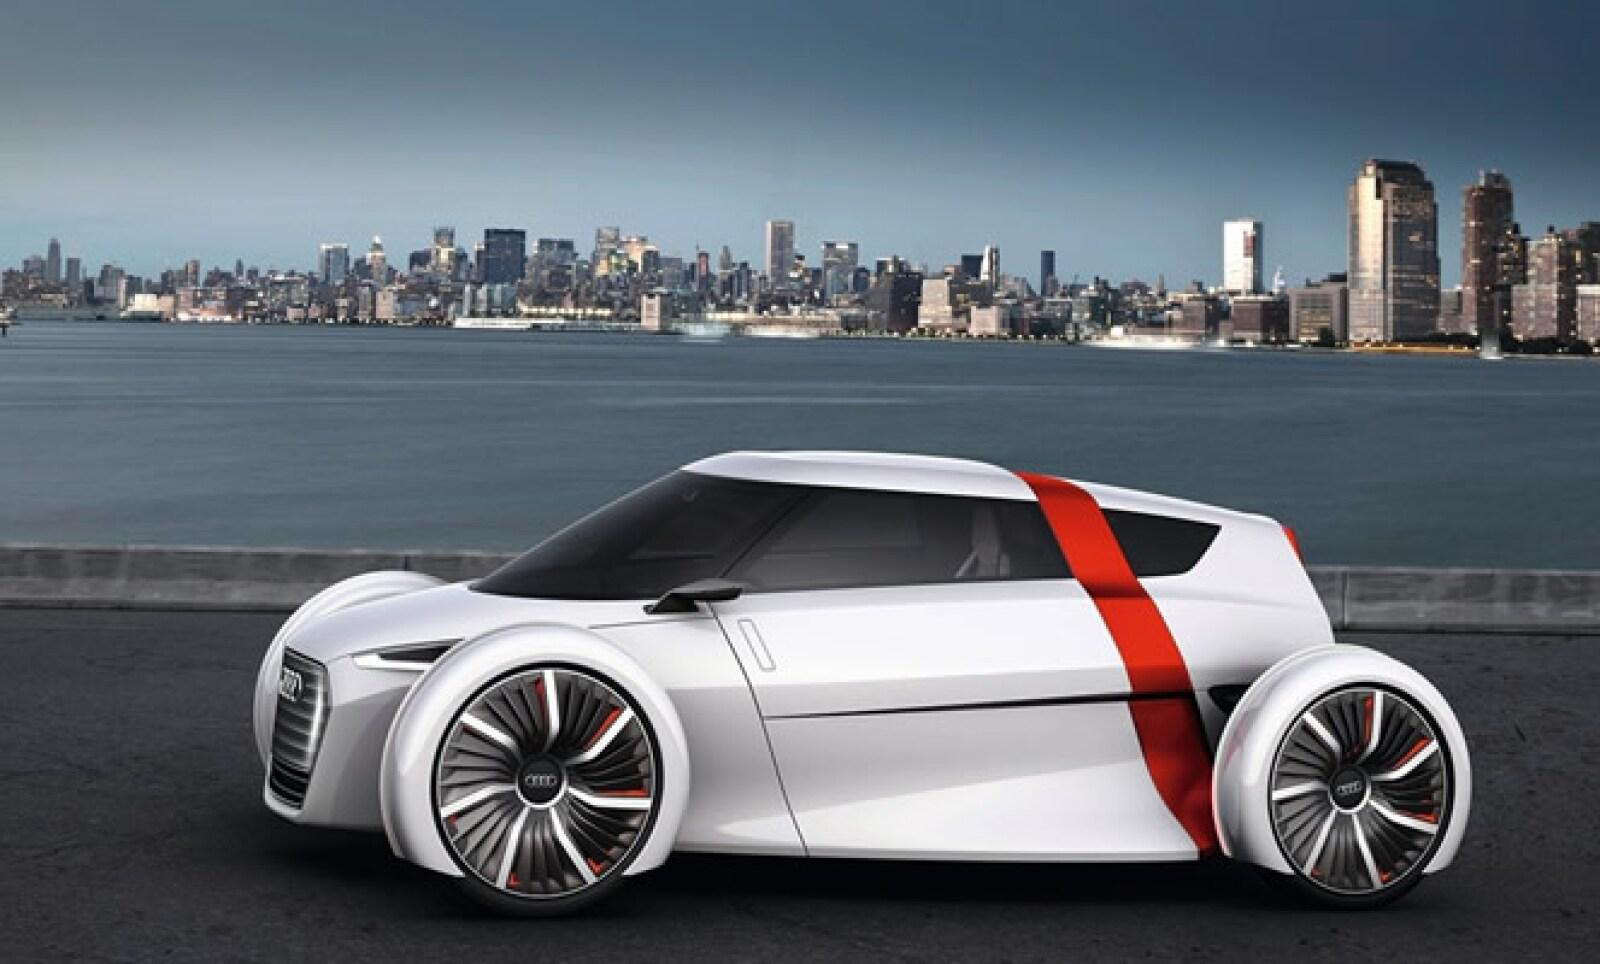 Vehículo urbano eléctrico en configuración 1+1 (conductor más un acompañante), fabricado en fibra de carbono para mantener el peso en apenas 480 kg.